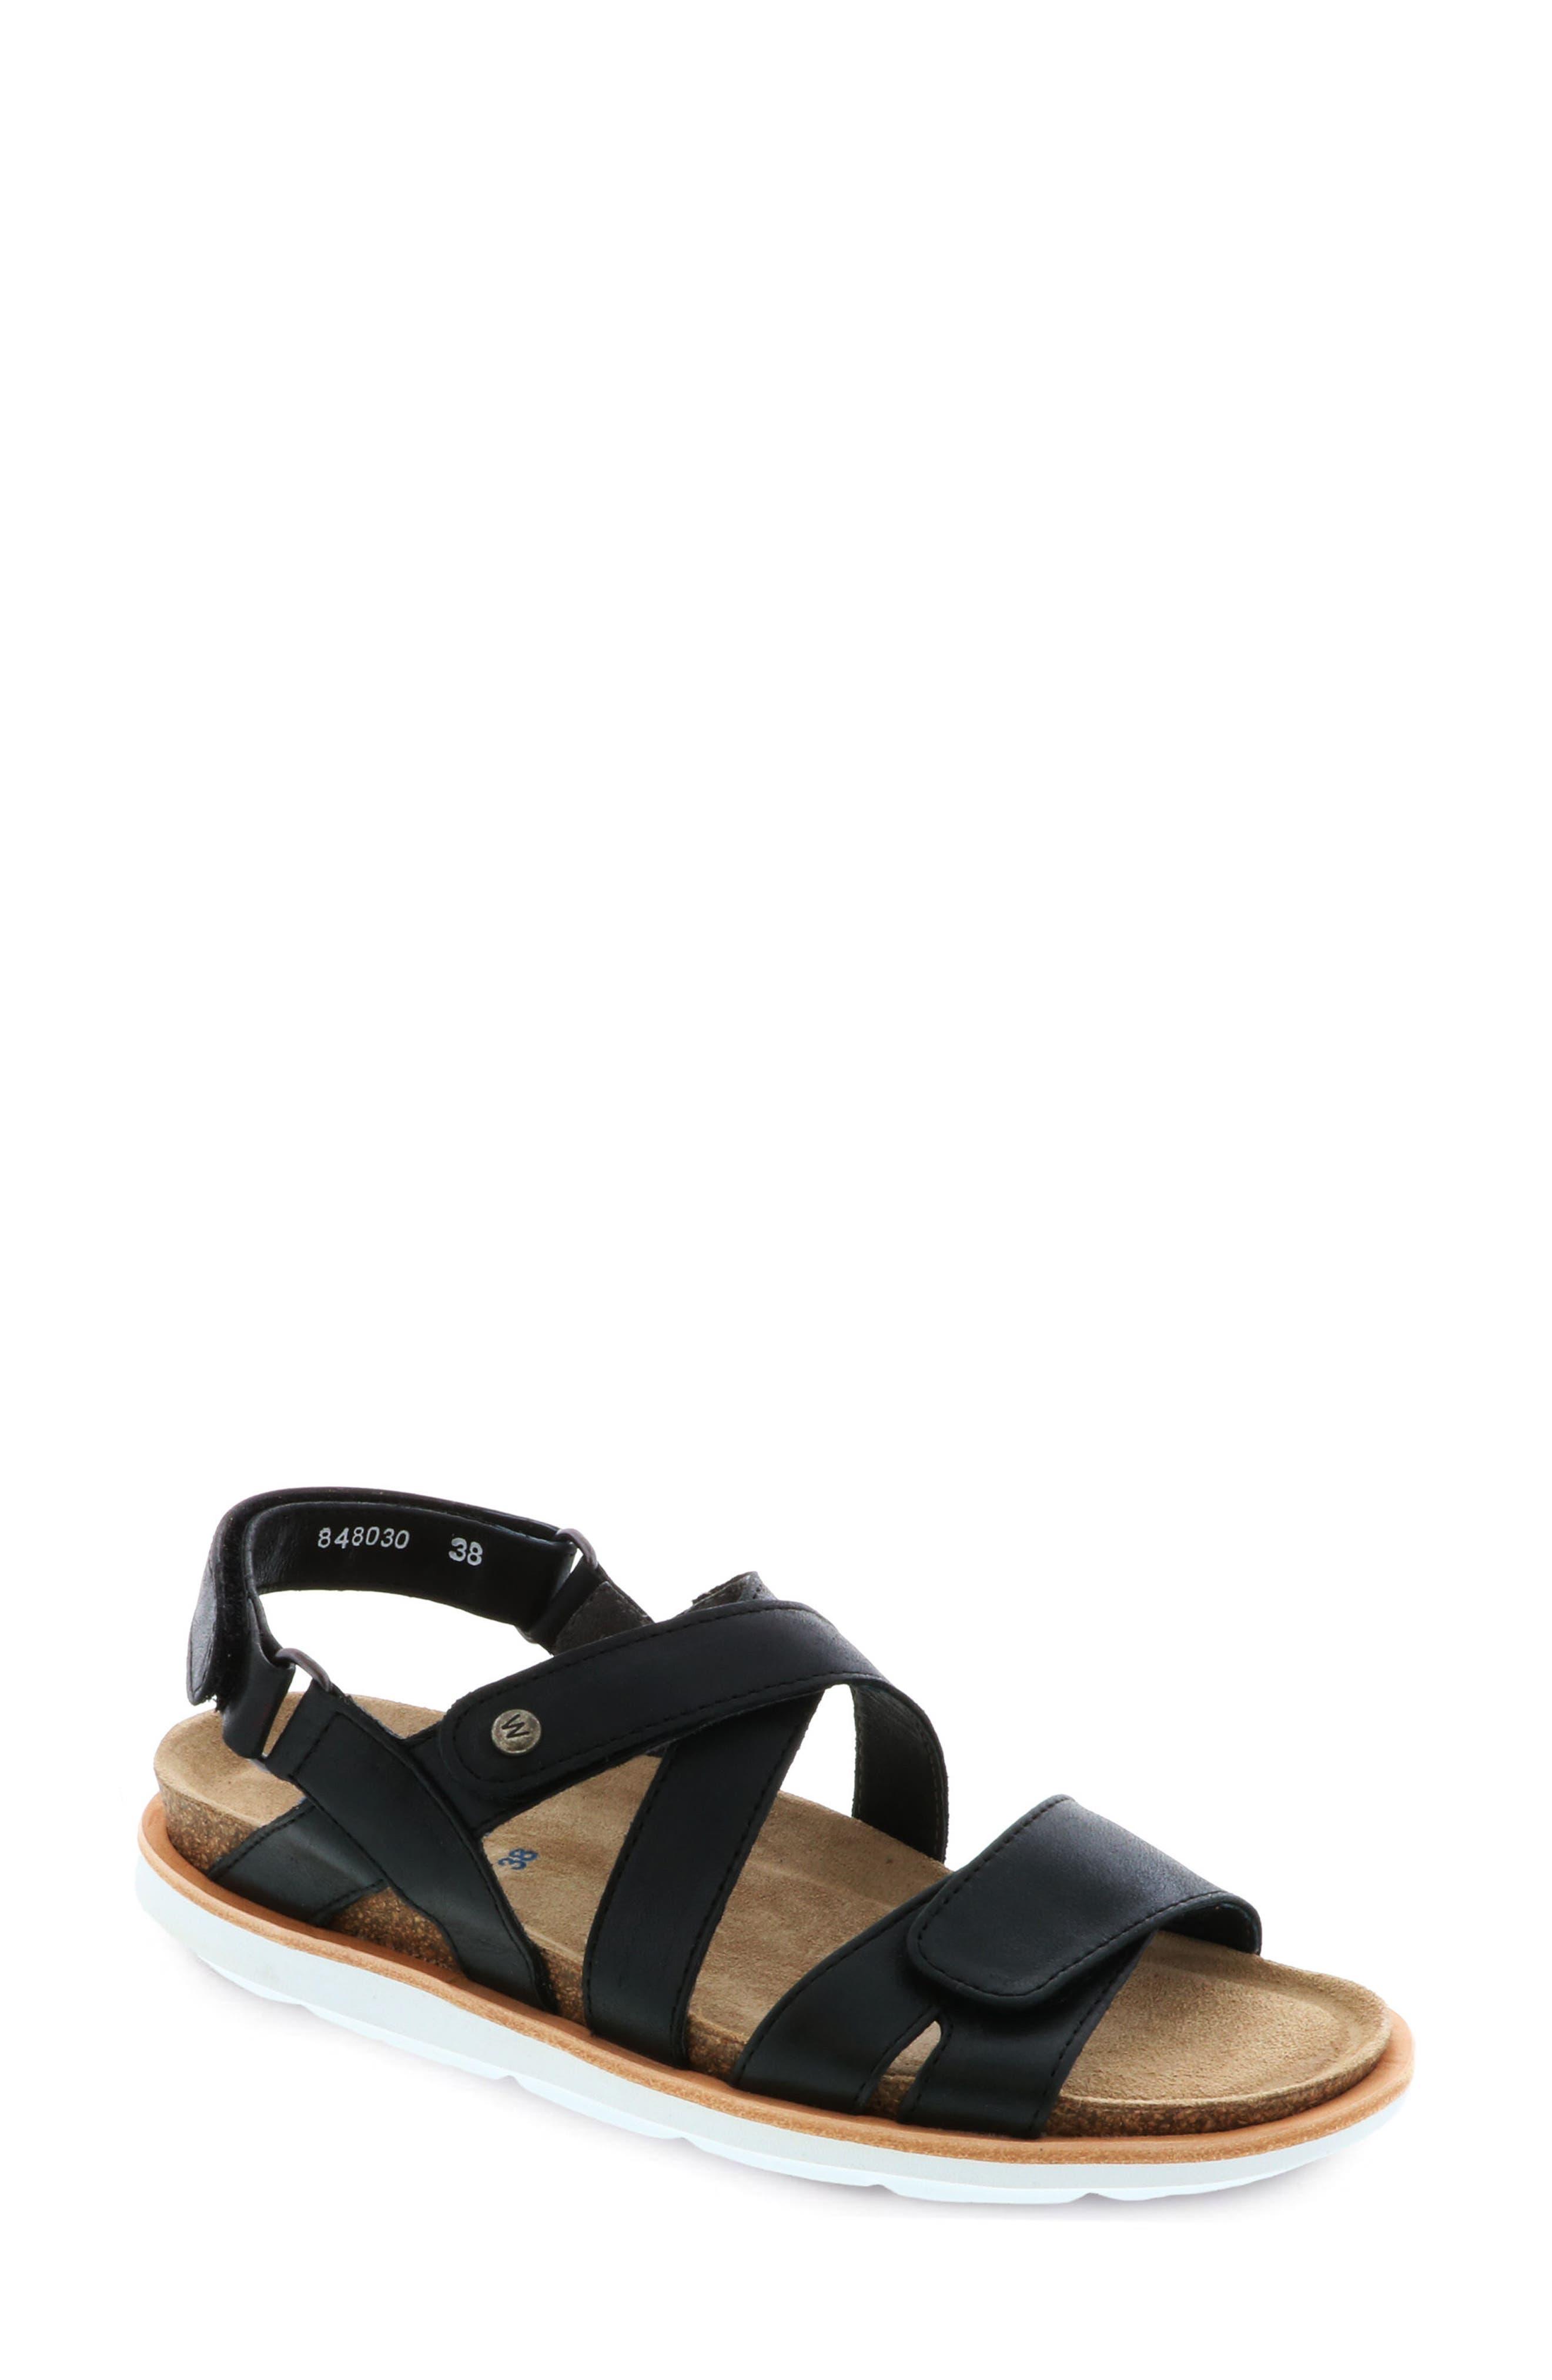 Sunstone Sandal,                         Main,                         color, Black Summer